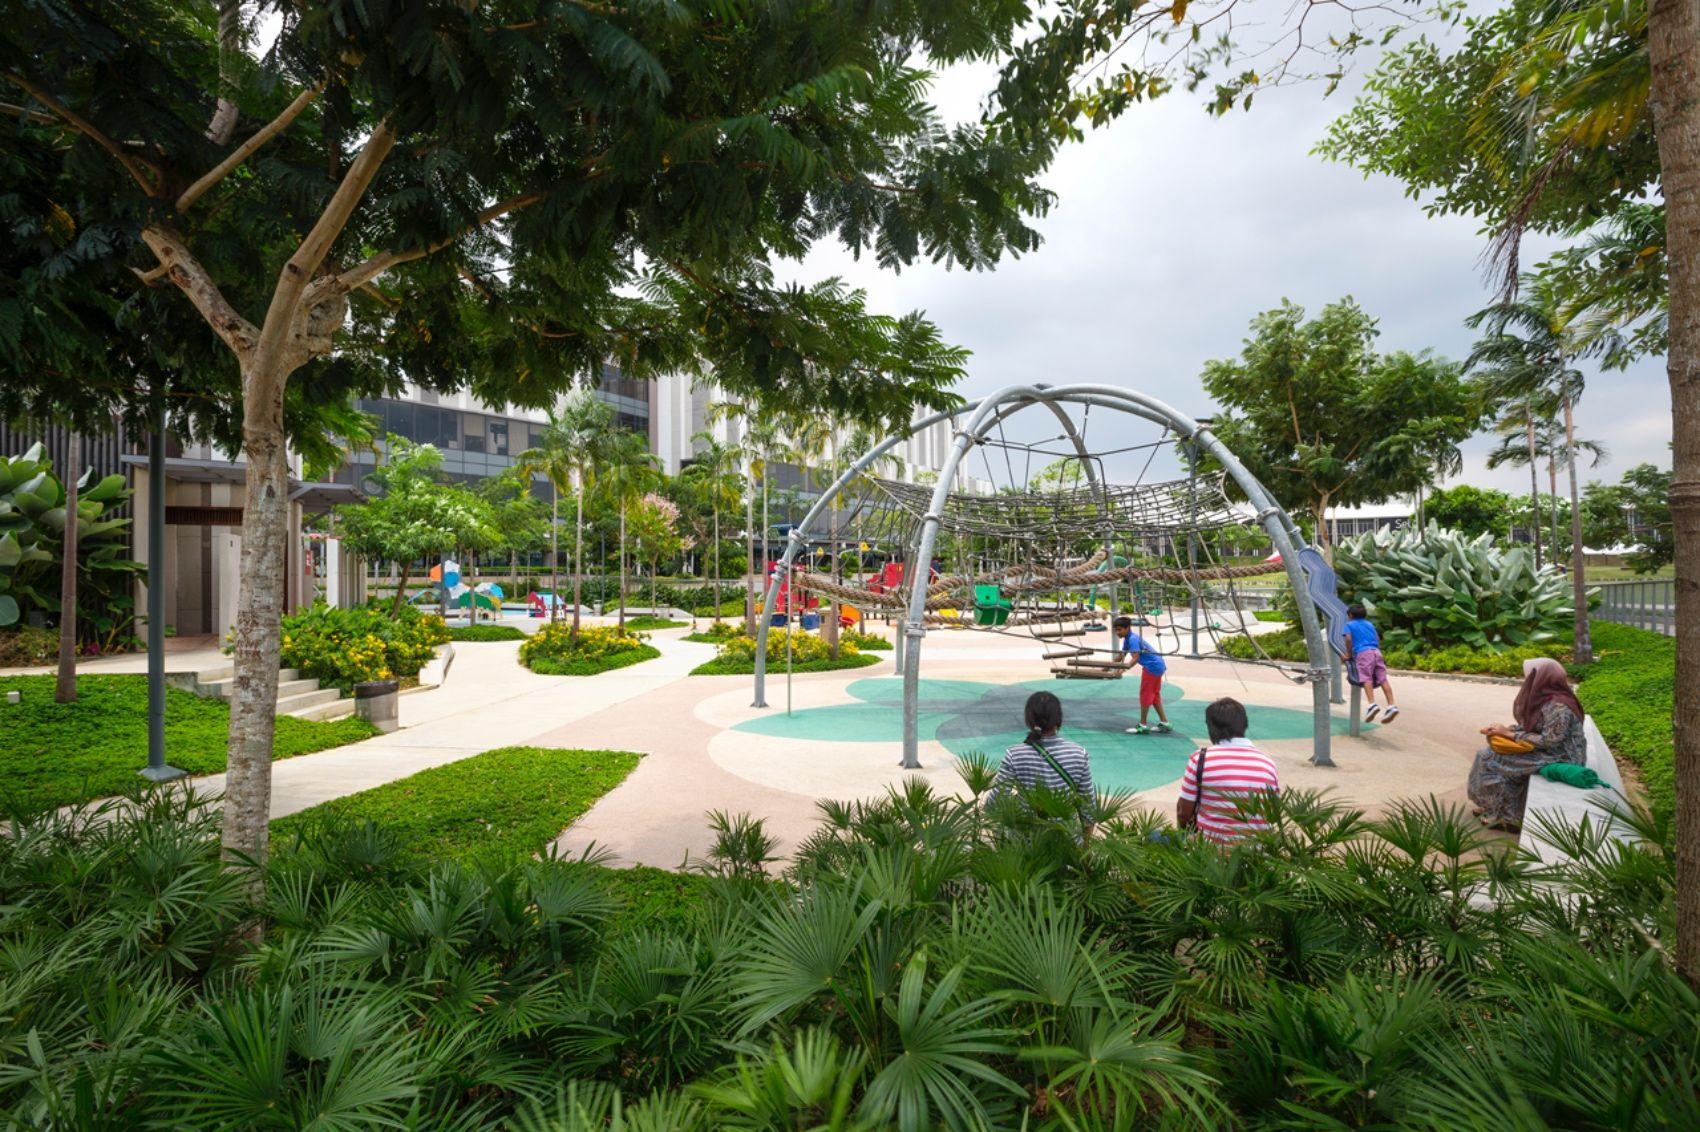 Setia City Park Stx Landscape Alam